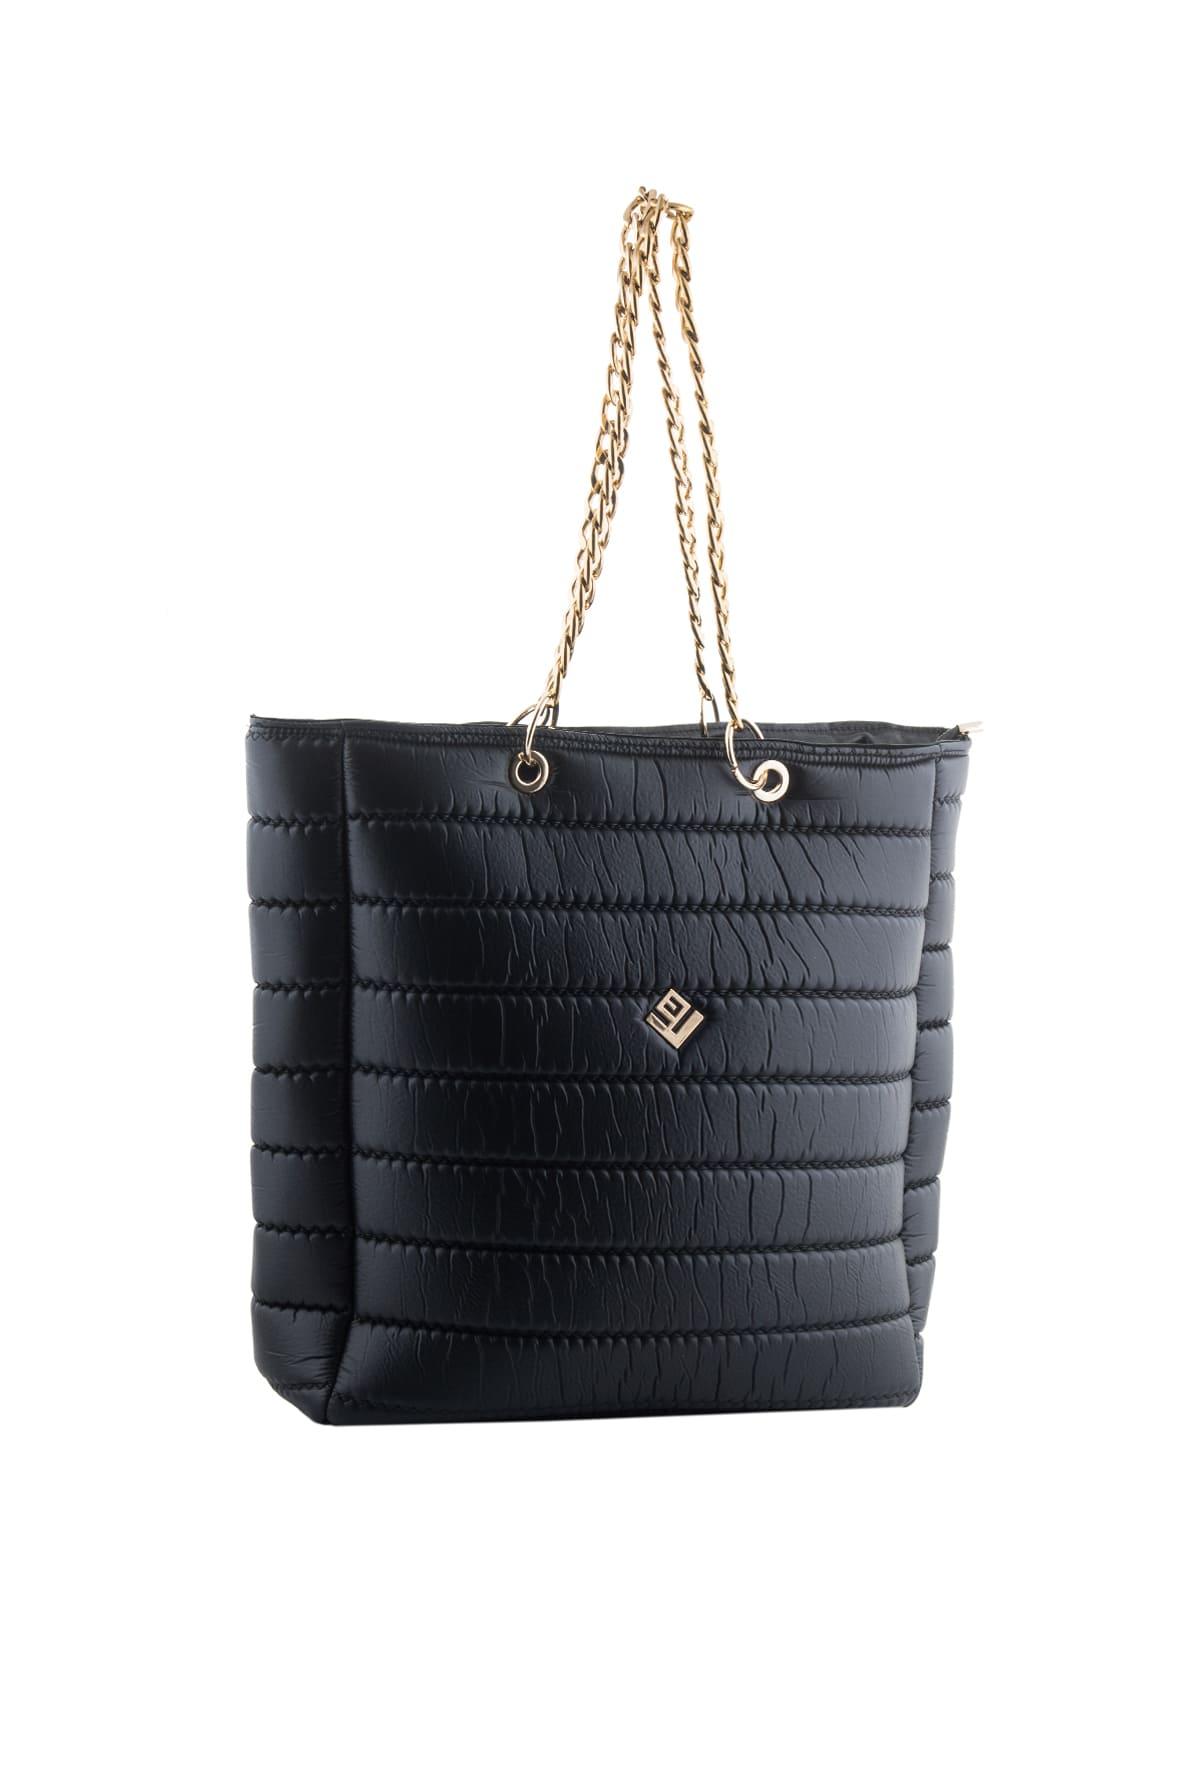 Γυναικεία τσάντα ώμου Dreamy Large Phos Bag | Black - 9SH-FL-13